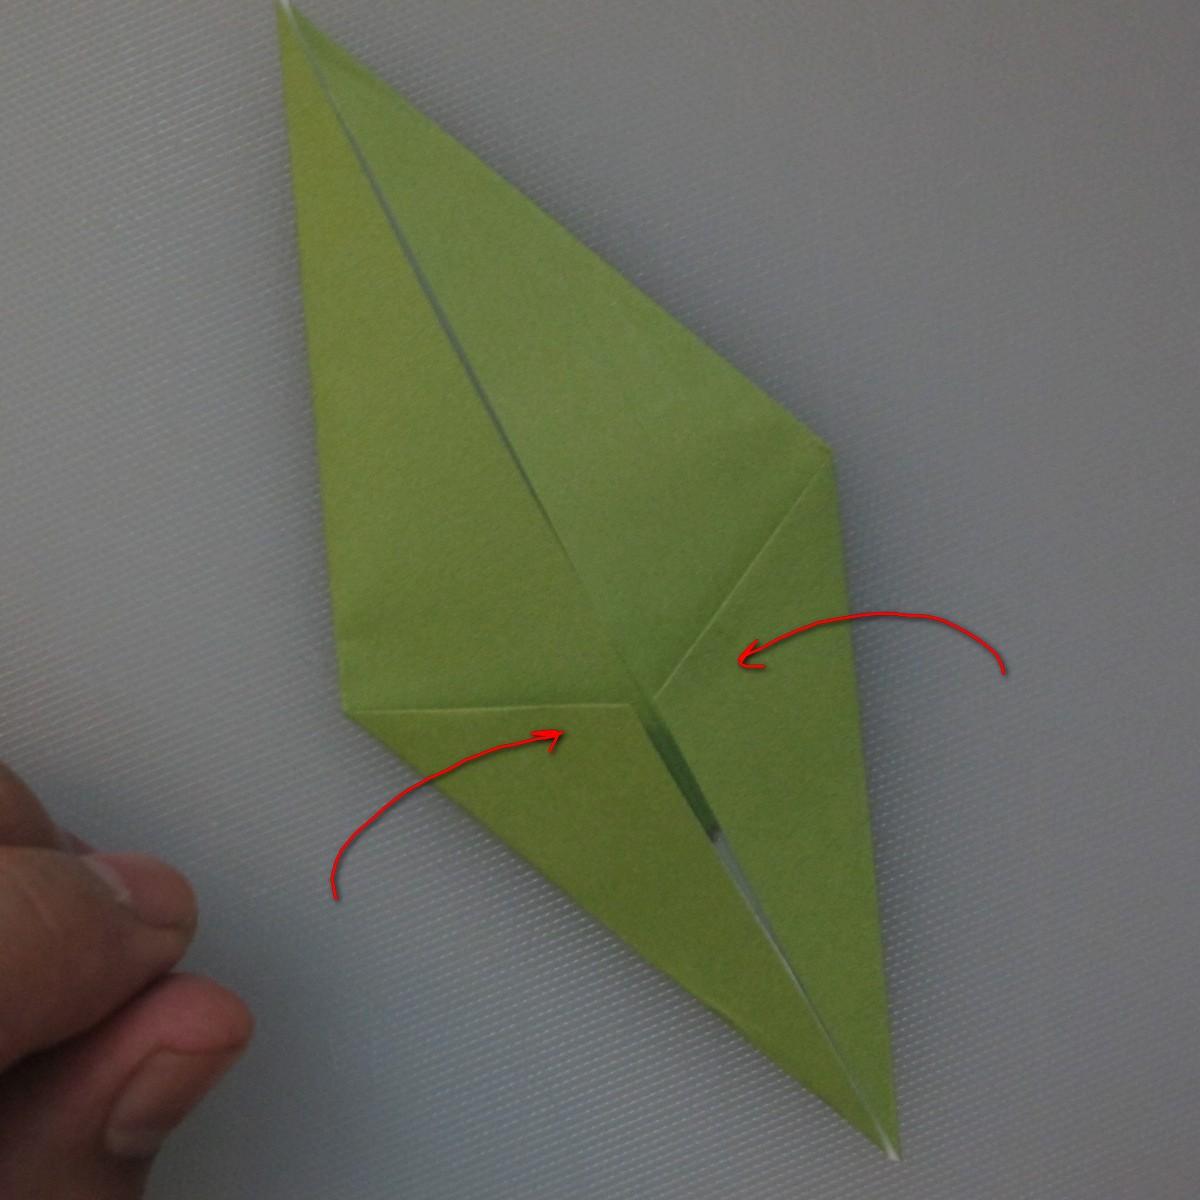 วิธีพับกระดาษเป็นดอกทิวลิป 022